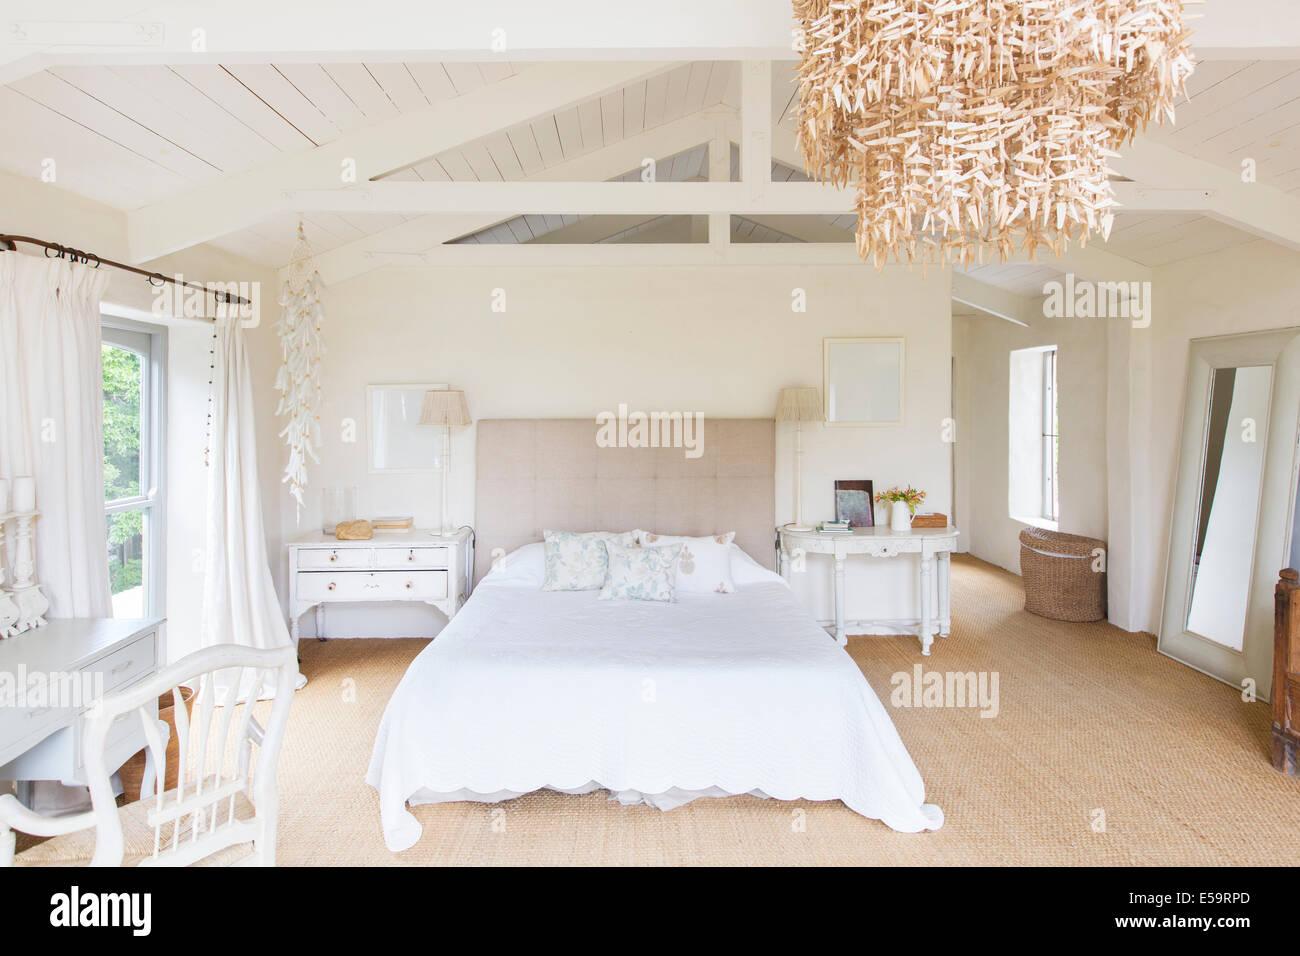 Kronleuchter Für Schlafzimmer ~ Kronleuchter und in rustikalen schlafzimmer stockfoto bild